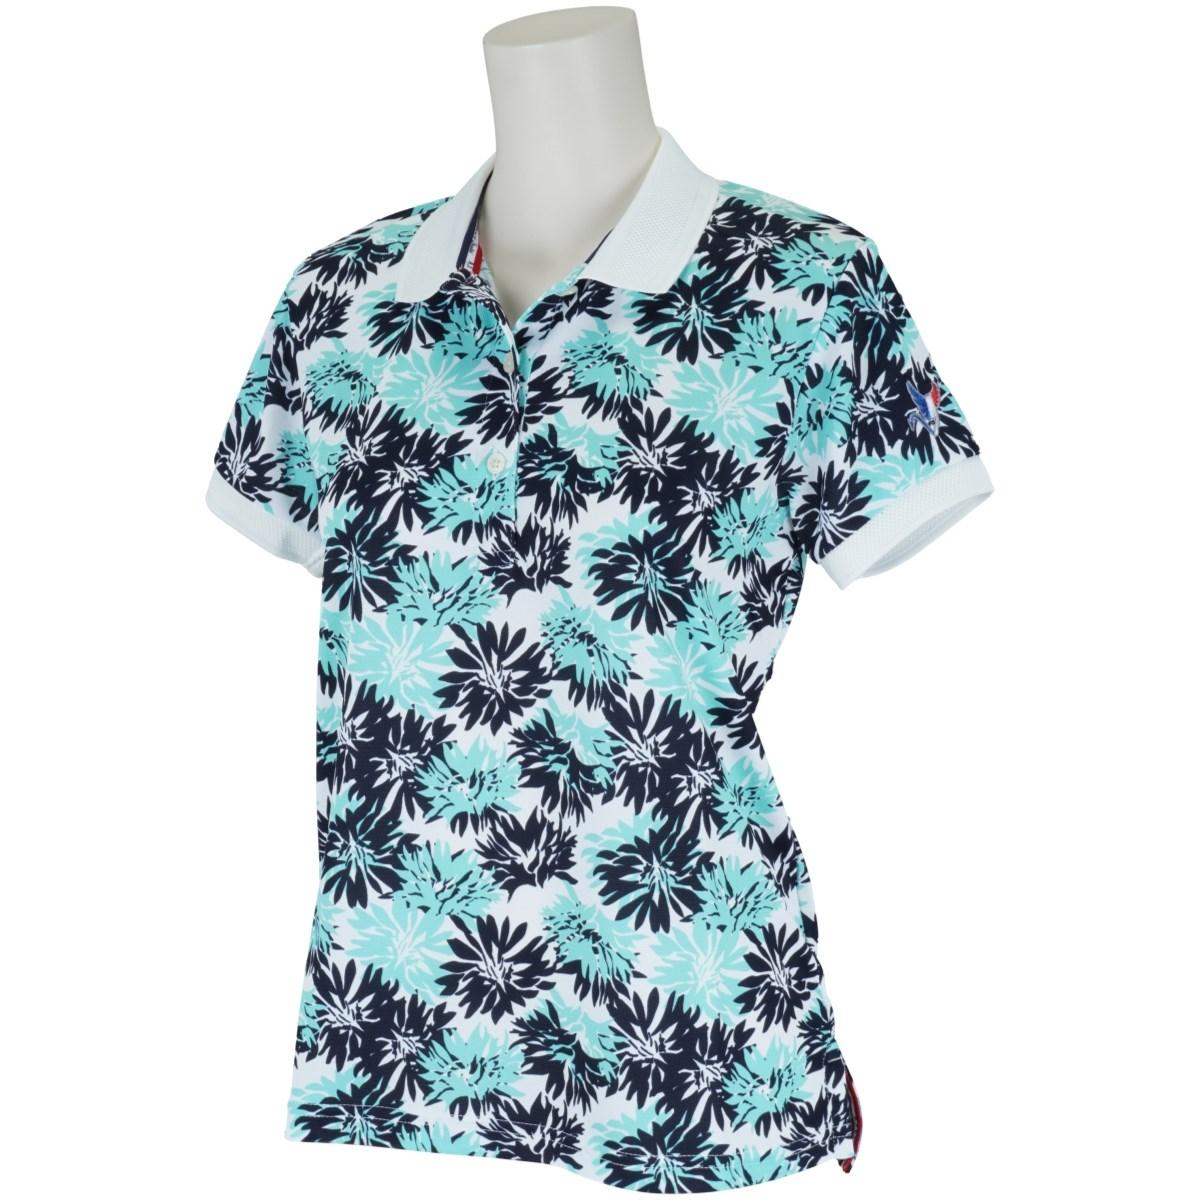 クランク Clunk 軽量 花柄半袖ポロシャツ L ターコイズグリーン レディス